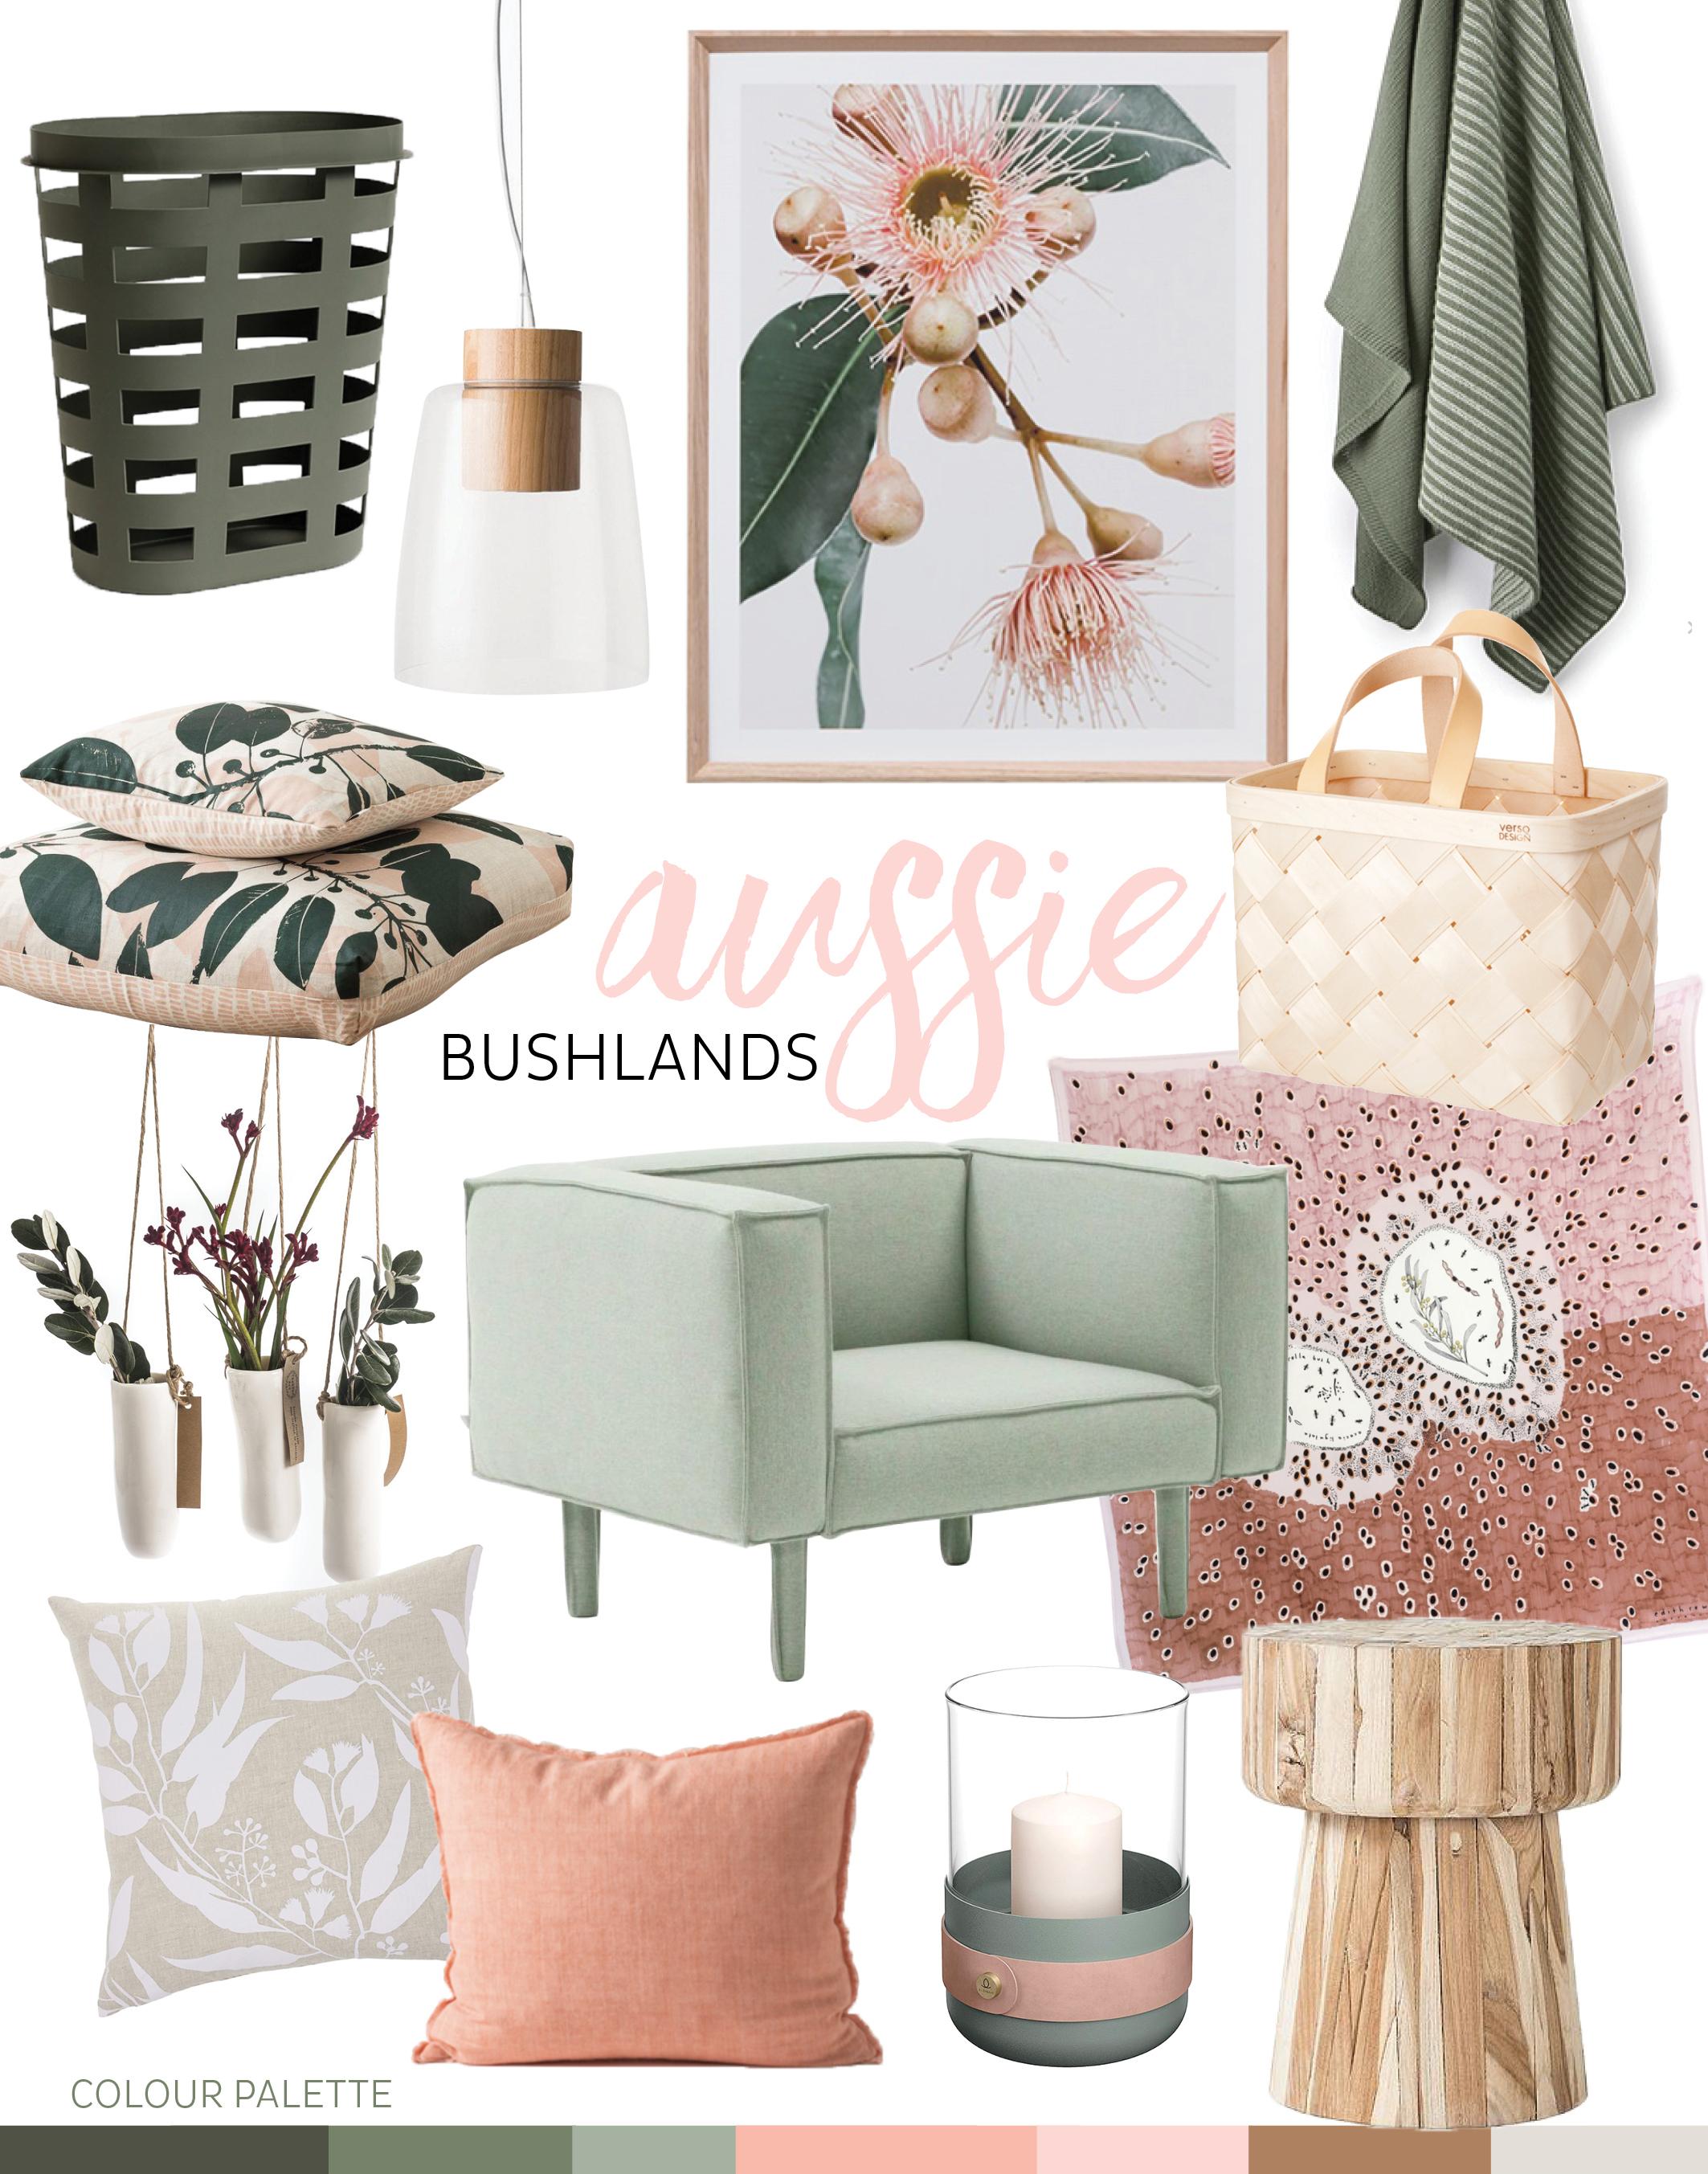 adore_home_blog_new_aussie_bushlands.jpg